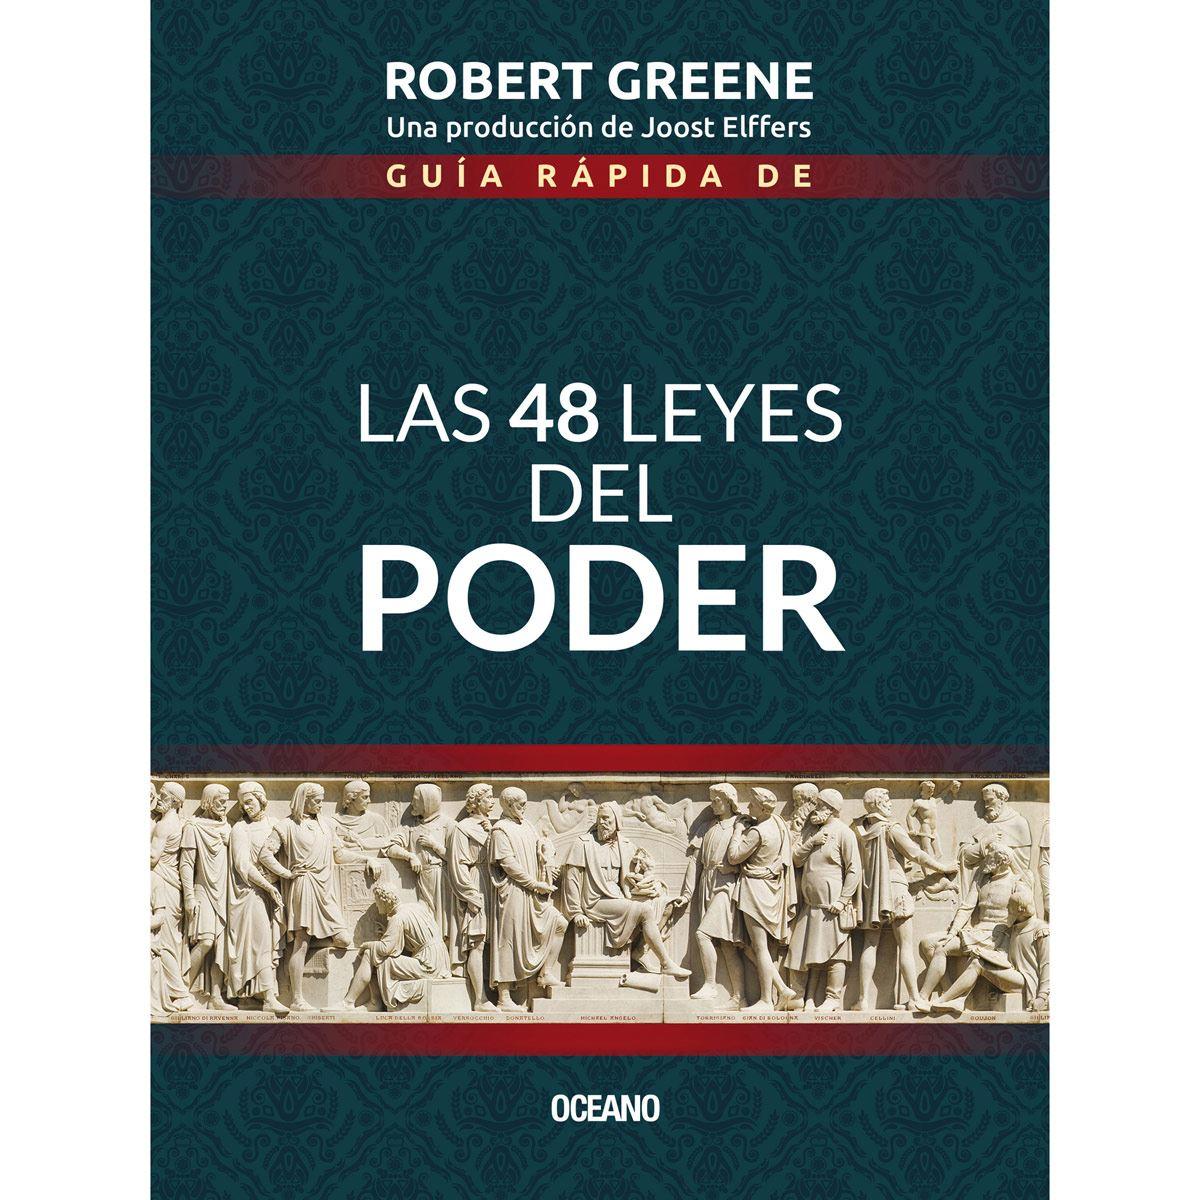 Guía rápida de las 48 leyes del poder (Tercera edición)